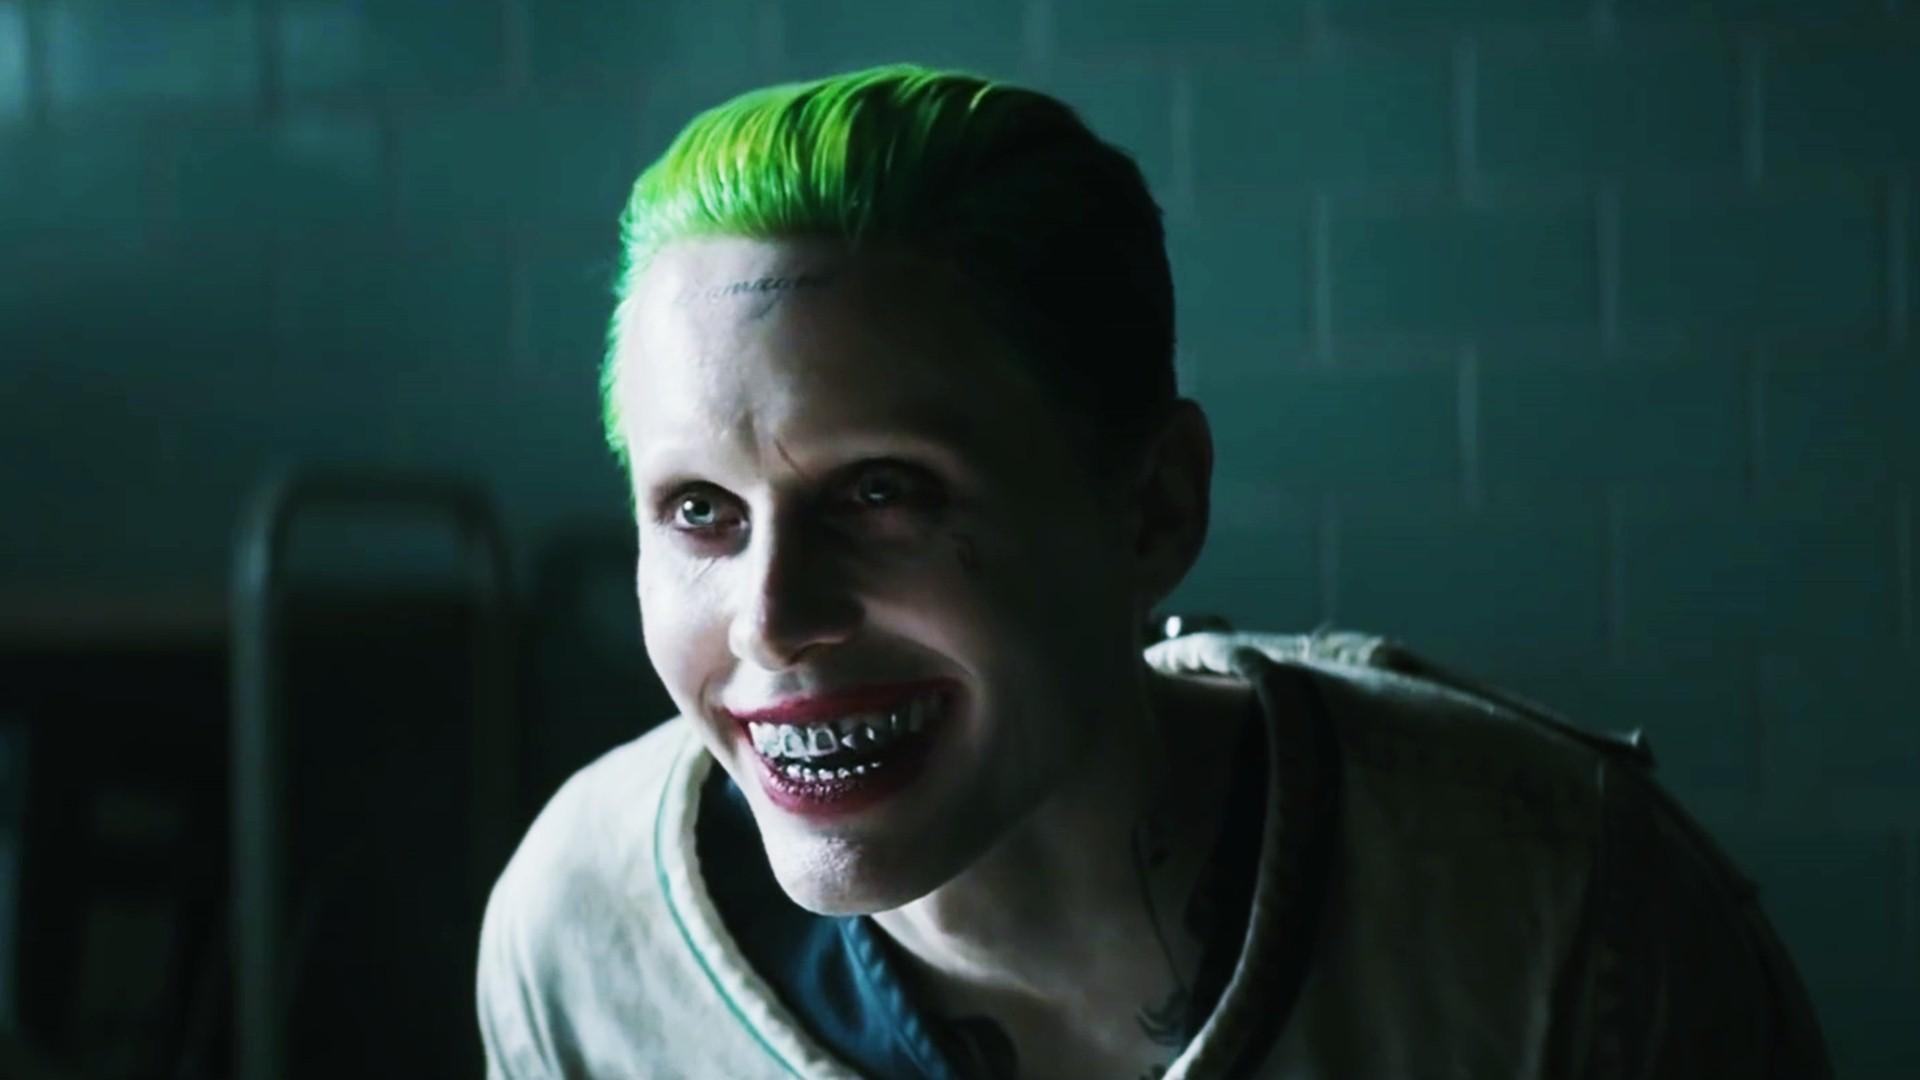 Suicide Squad Joker Wallpaper 73 images 1920x1080